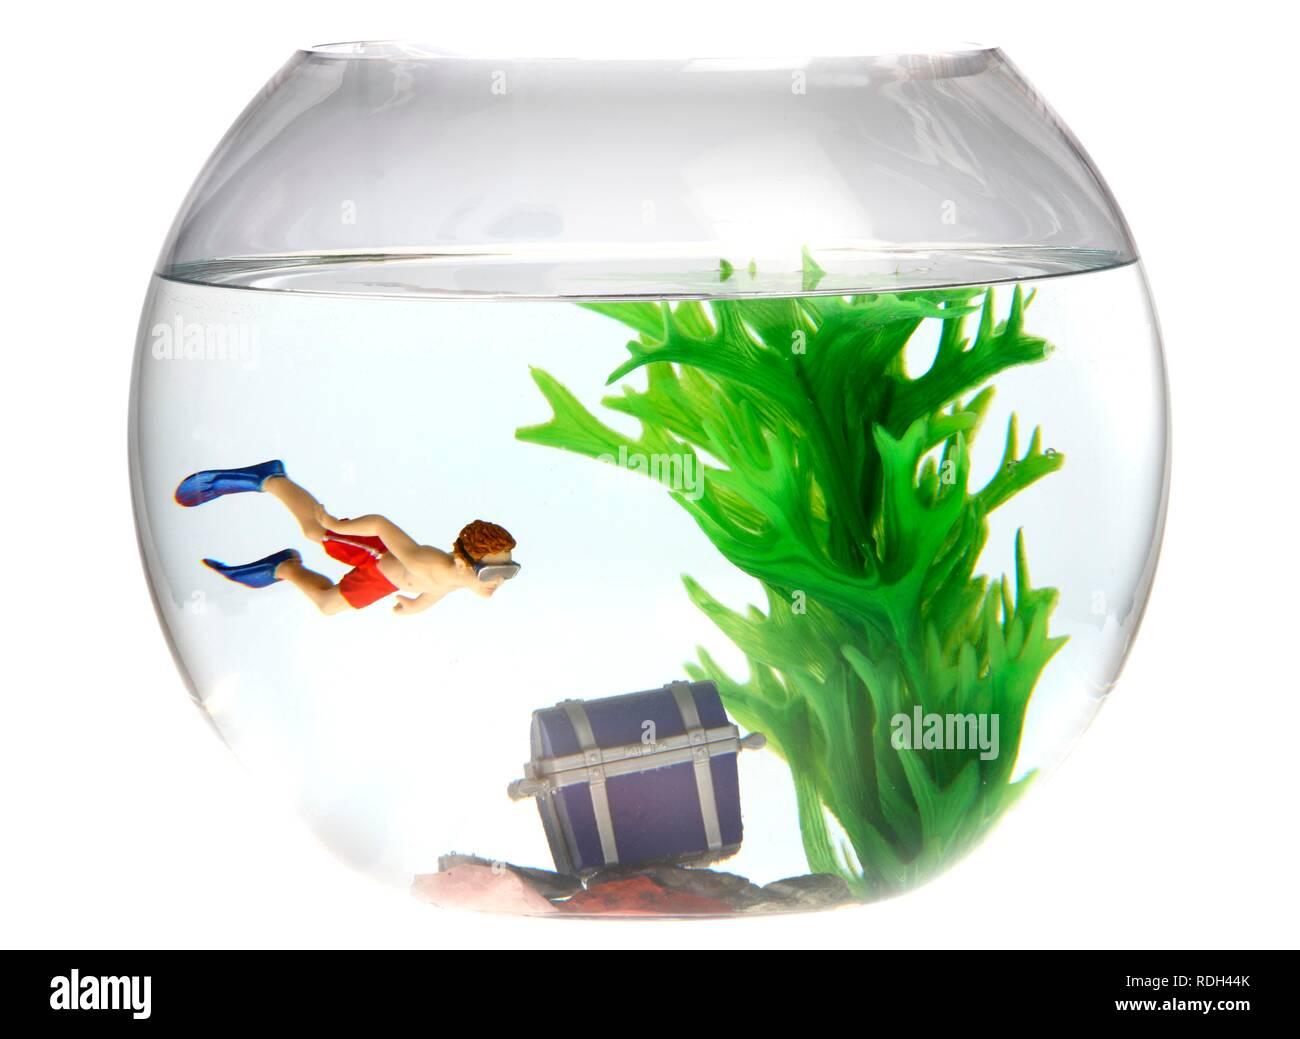 Spielzeug Taucher mit einer Schatztruhe in einem Goldfischglas, Abbildung Stockfoto